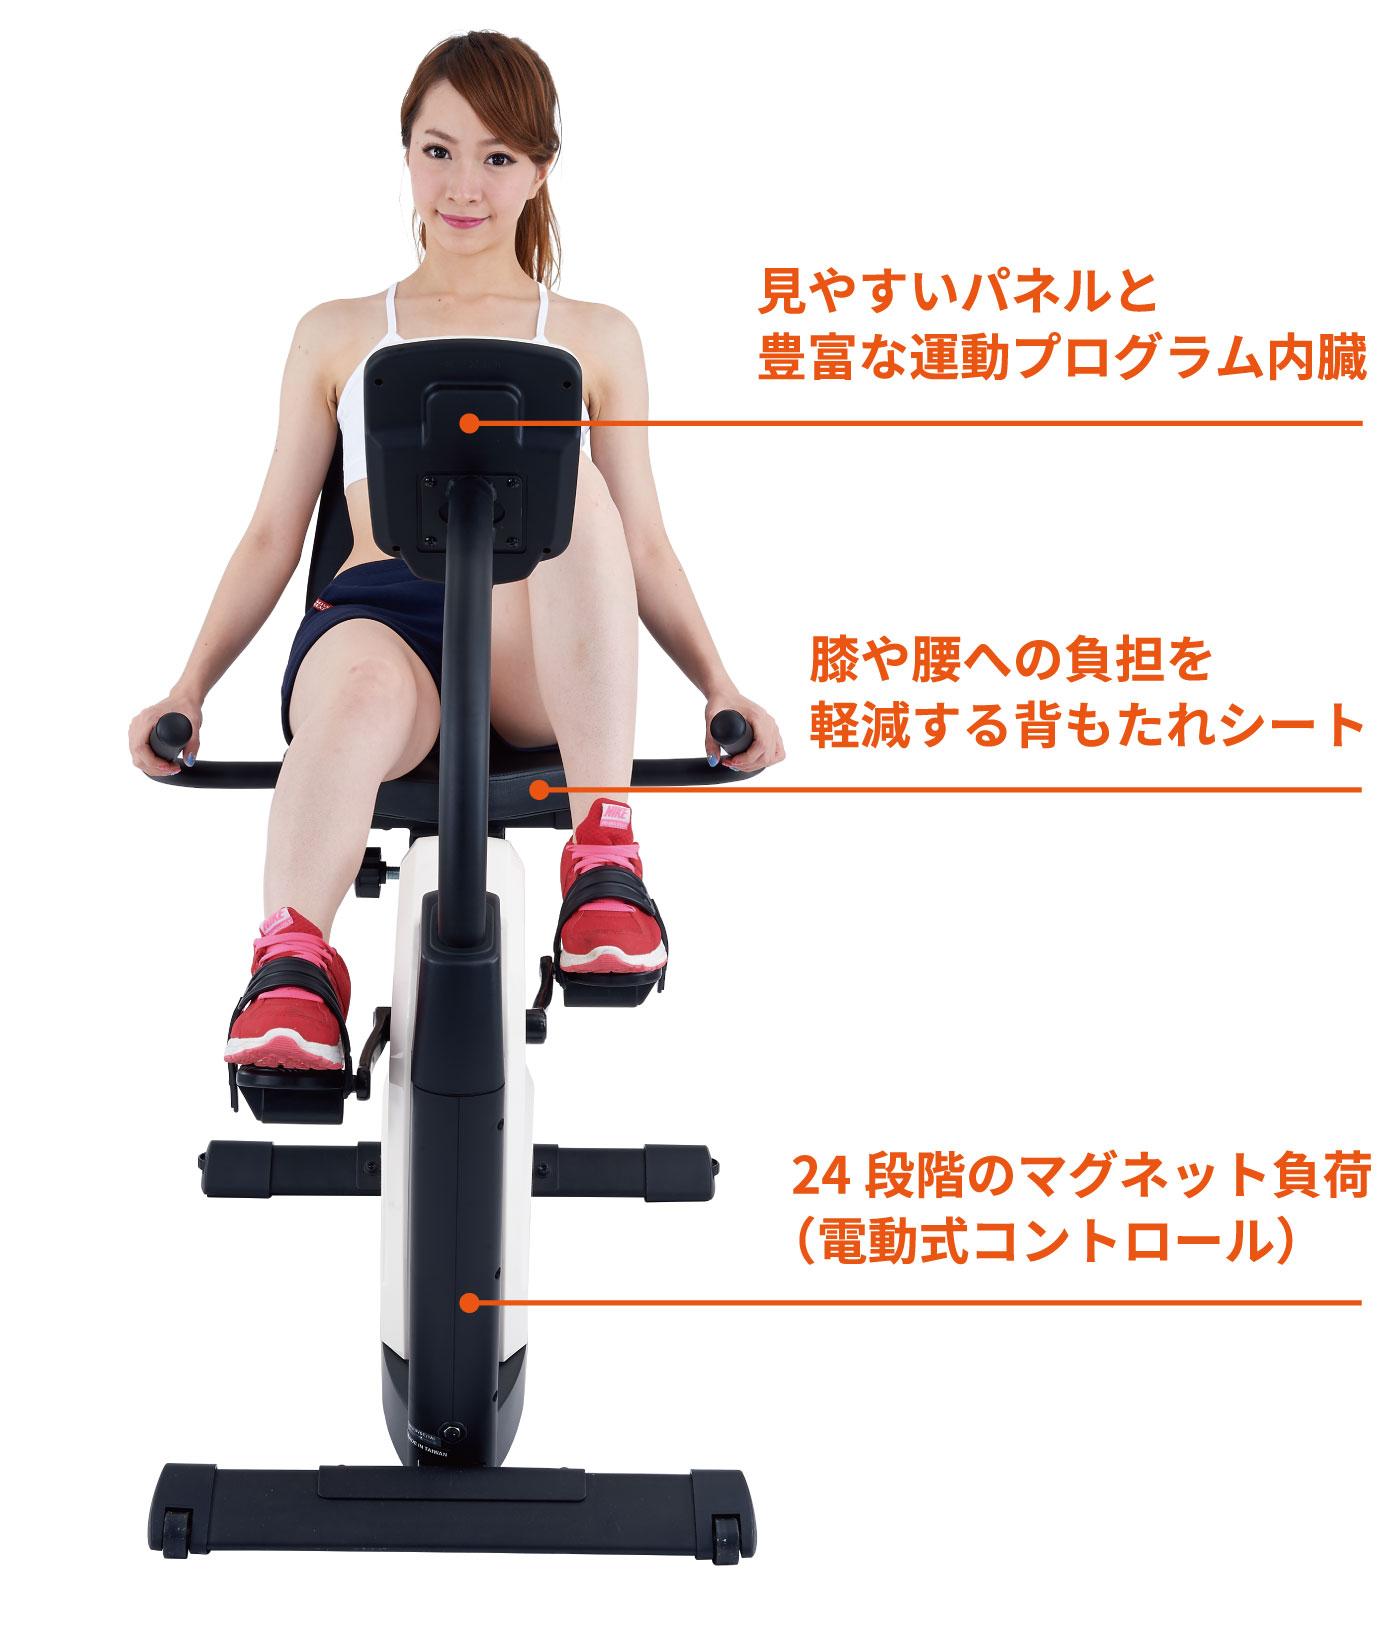 腰への負担を軽減する背もたれシート